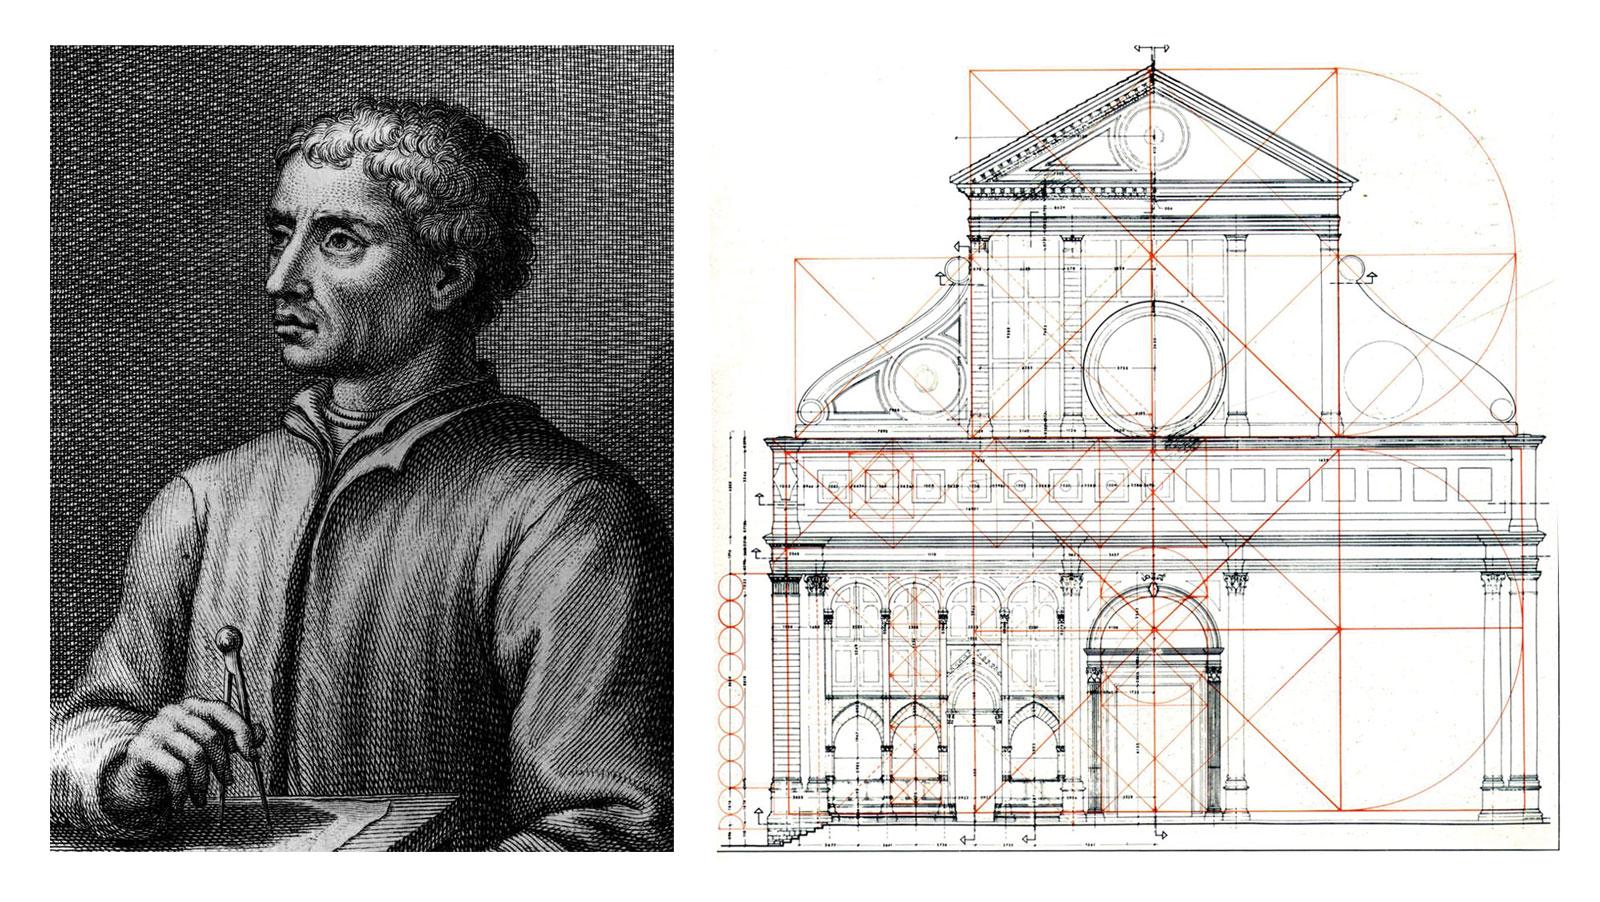 Leon Battista Alberti e il disegno di Santa Maria Novella